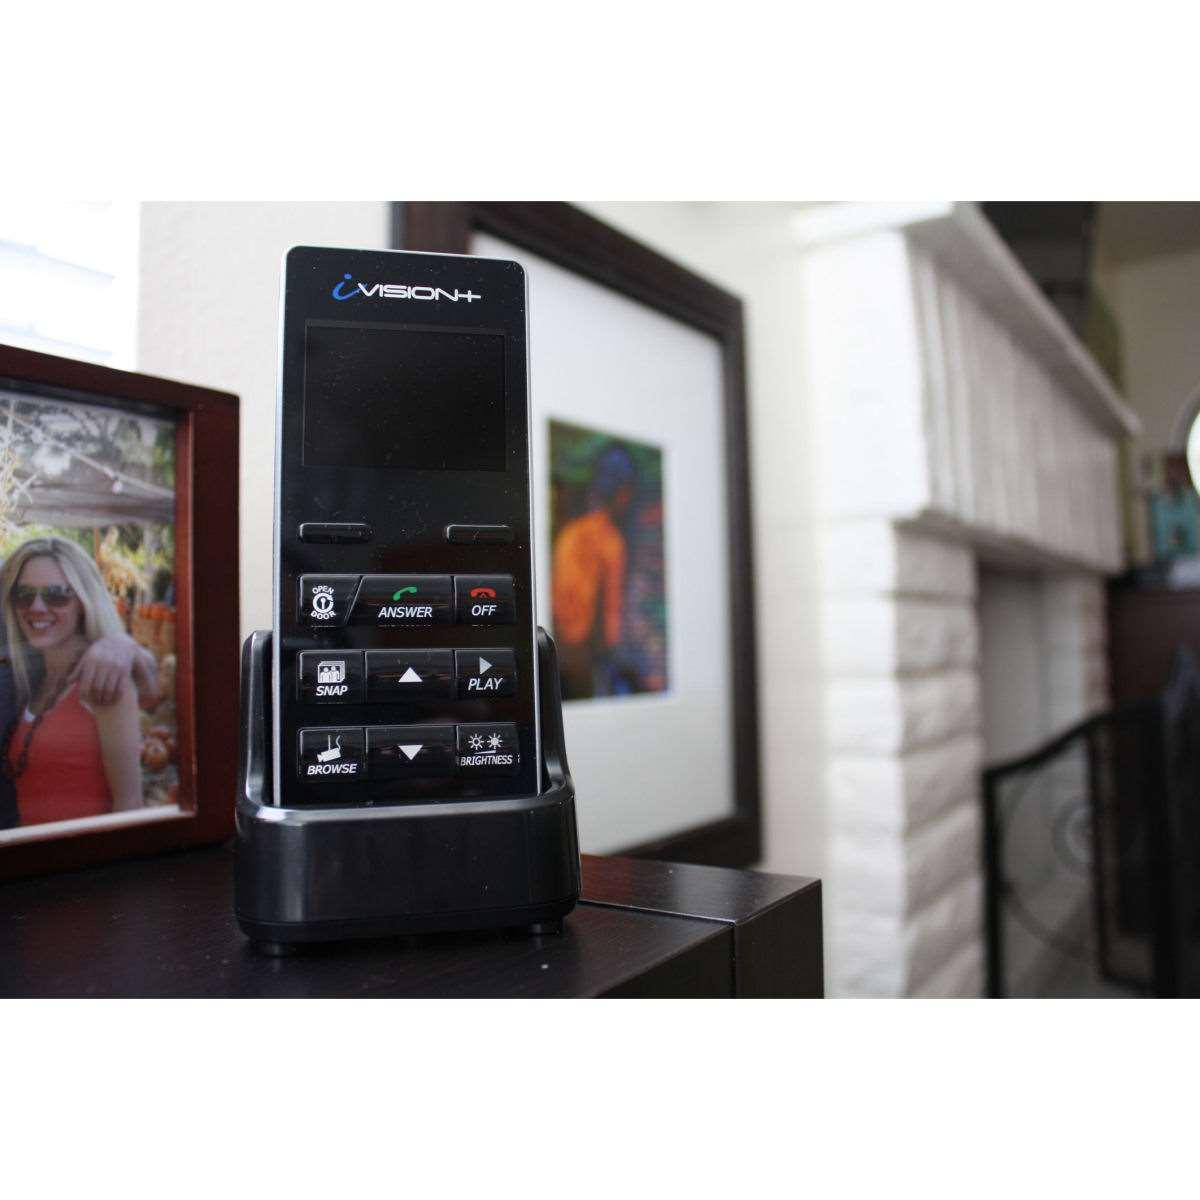 Wireless Alarm System Smart